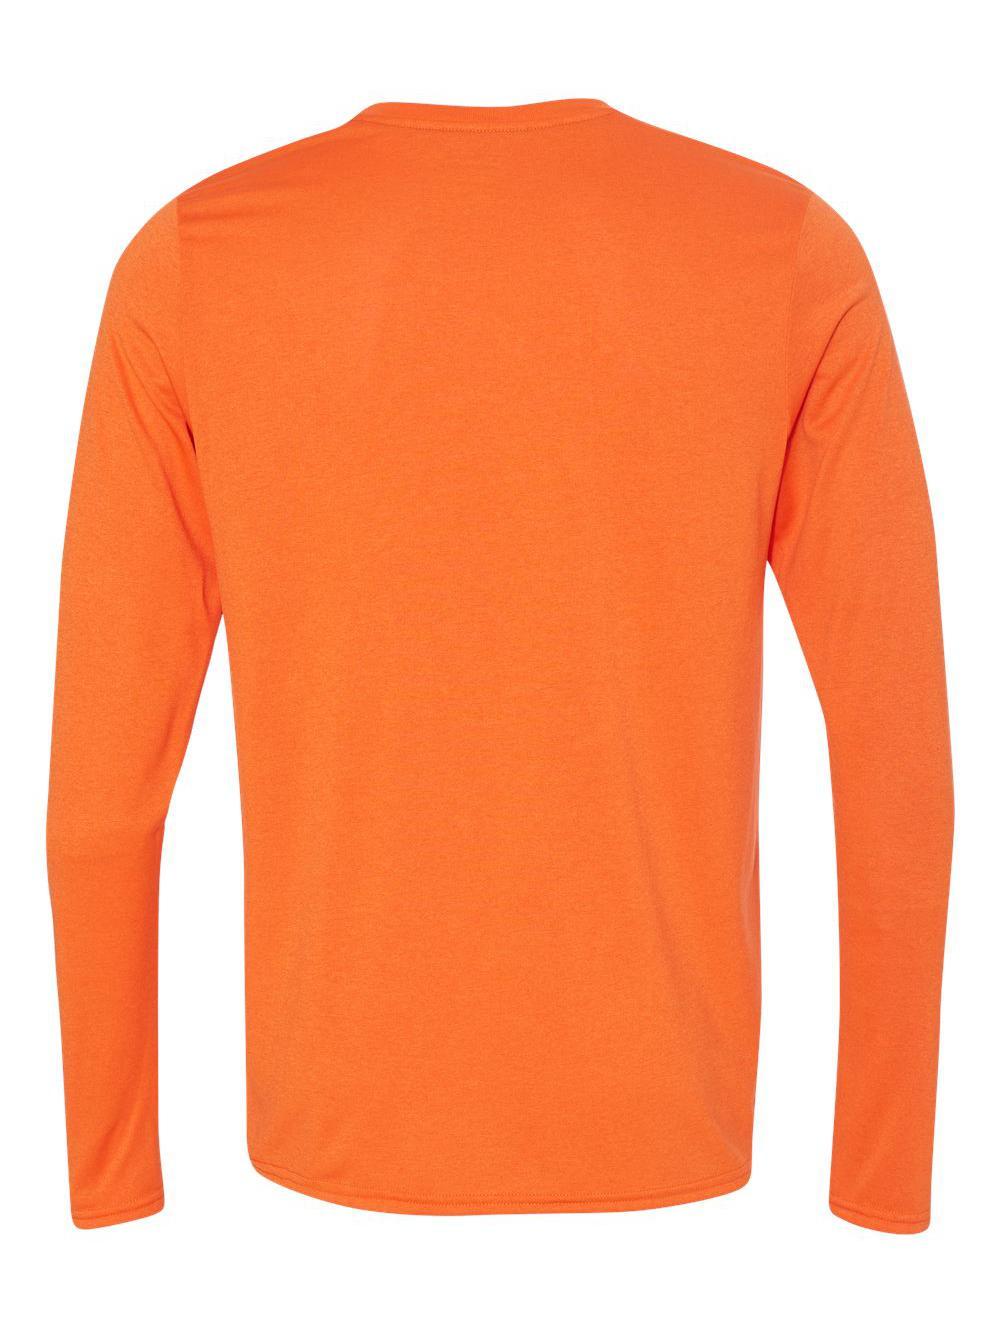 Gildan-Tech-Performance-Long-Sleeve-T-Shirt-47400 miniatura 16